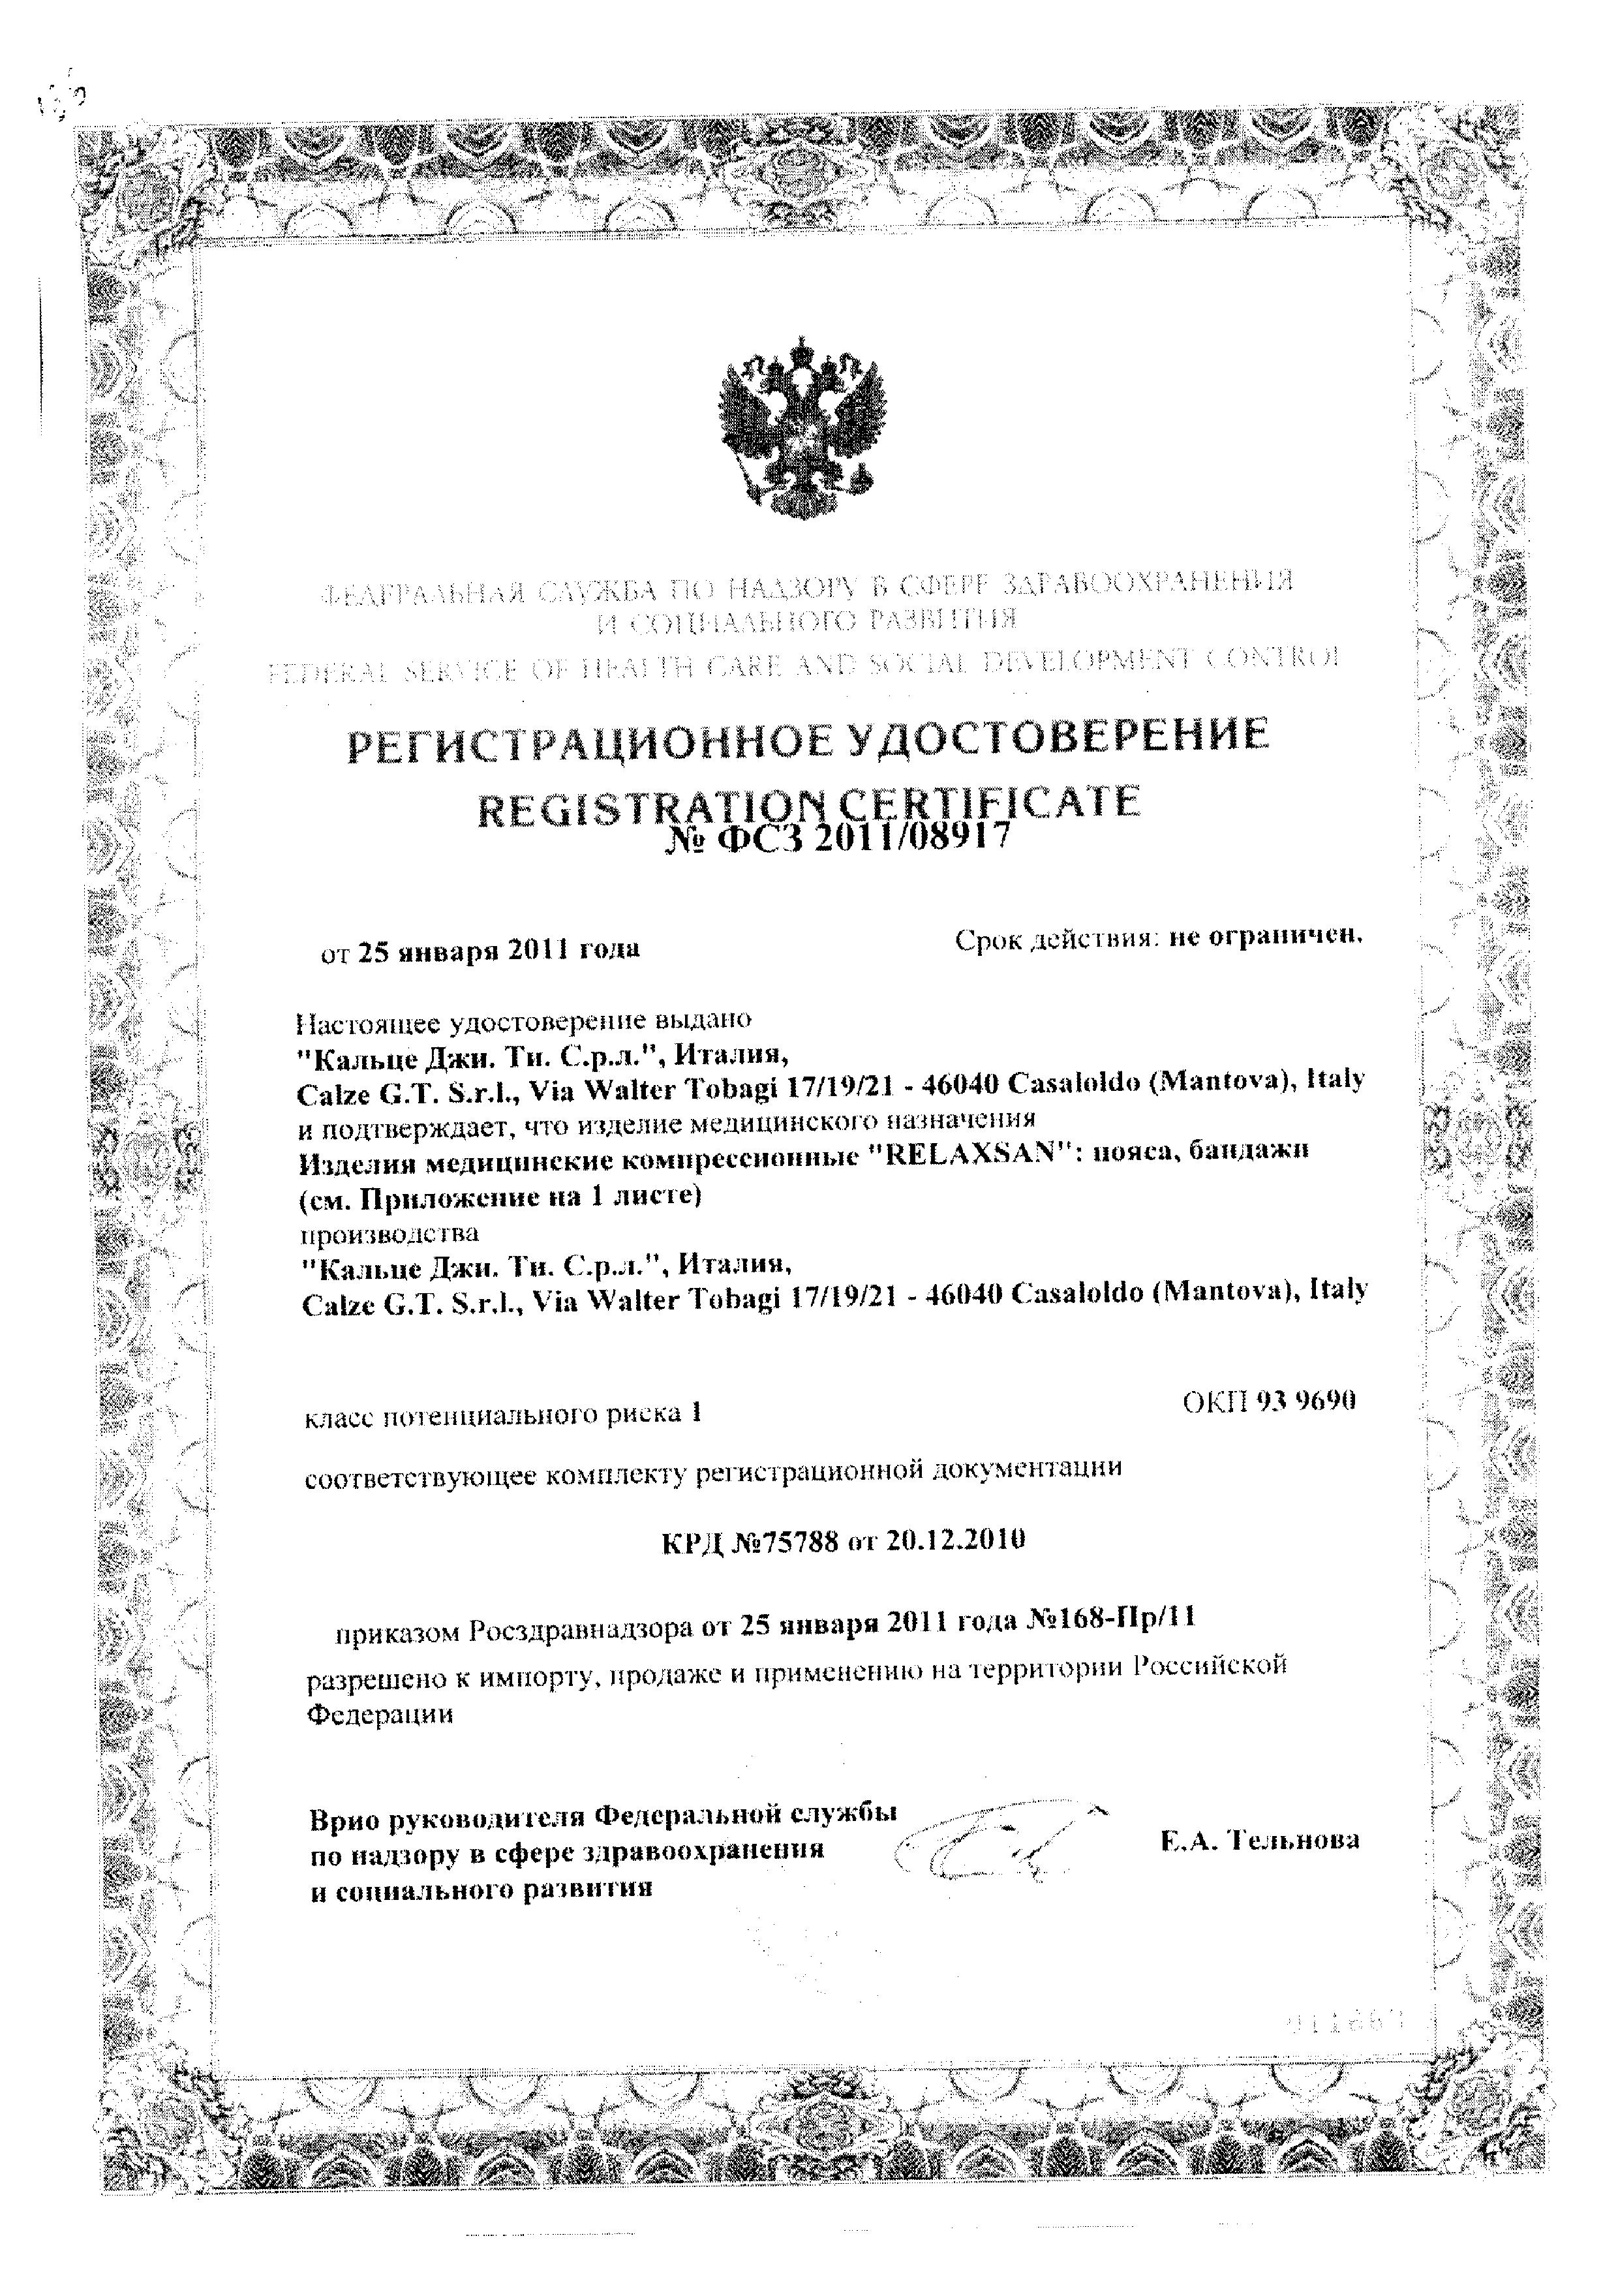 Relaxsan бандаж дородовый сертификат